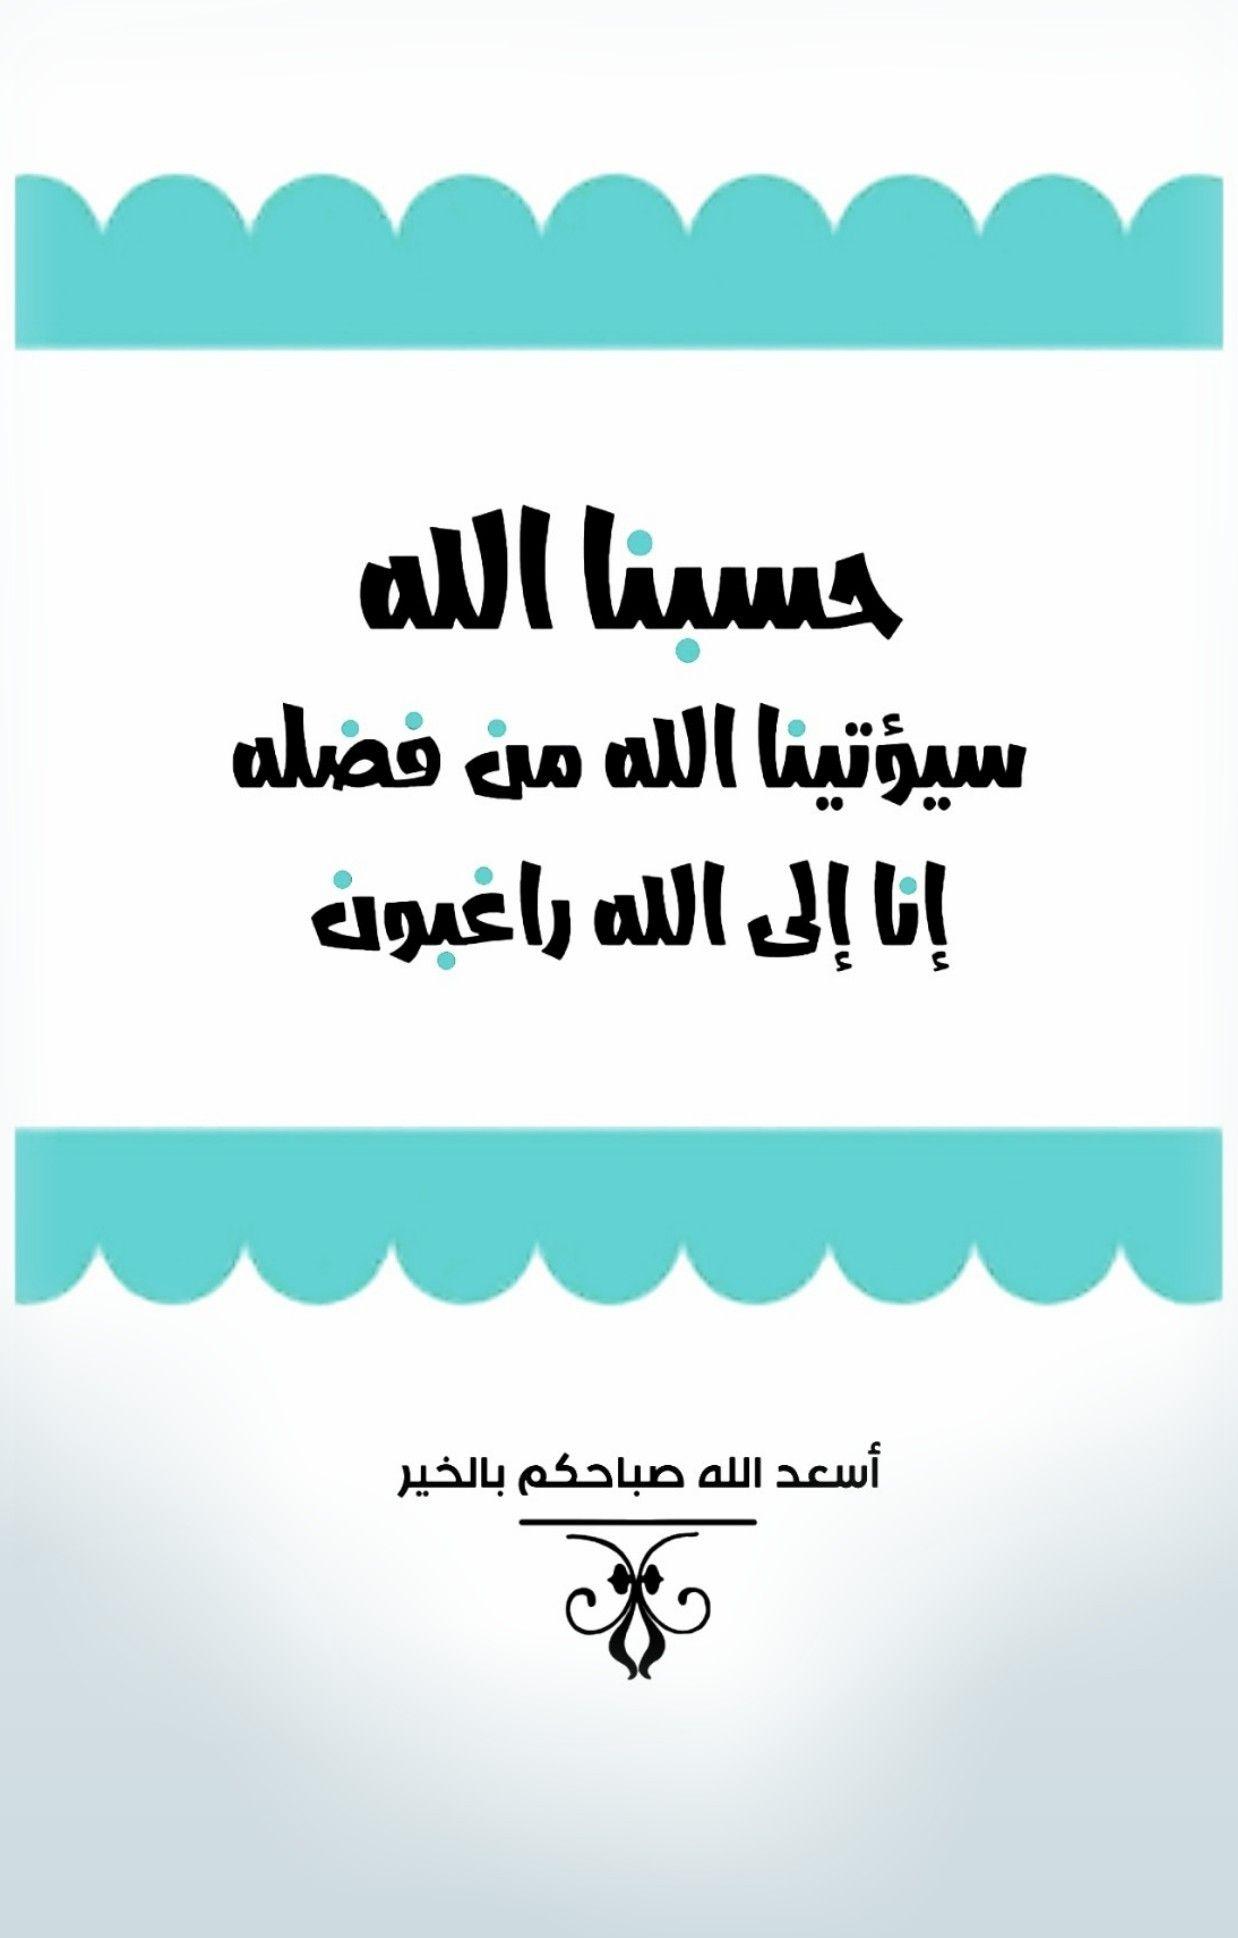 حسبنا الله سيؤتينا الله من فضله إنا إلى الله راغبون أسعد الله صباحكم Photo Quotes Beautiful Quran Quotes Quran Quotes